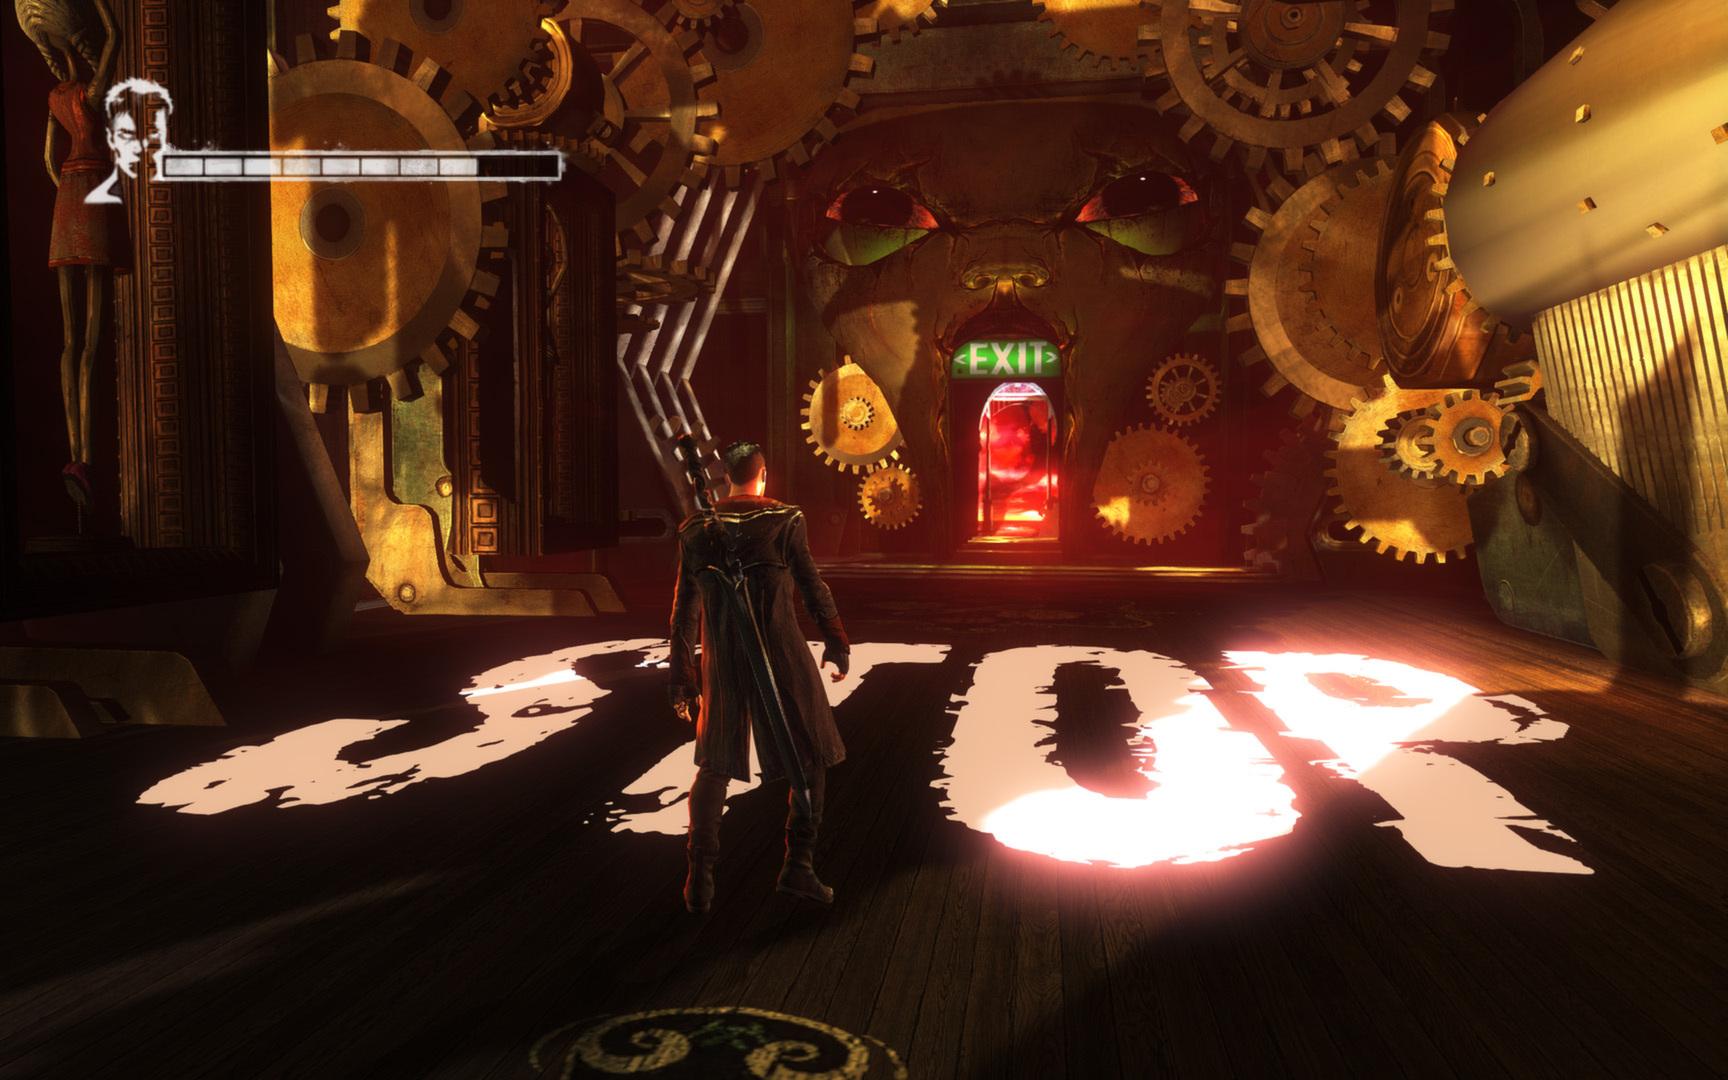 《地狱之刃》开发商Steam特惠 《鬼泣DMC》限时折扣